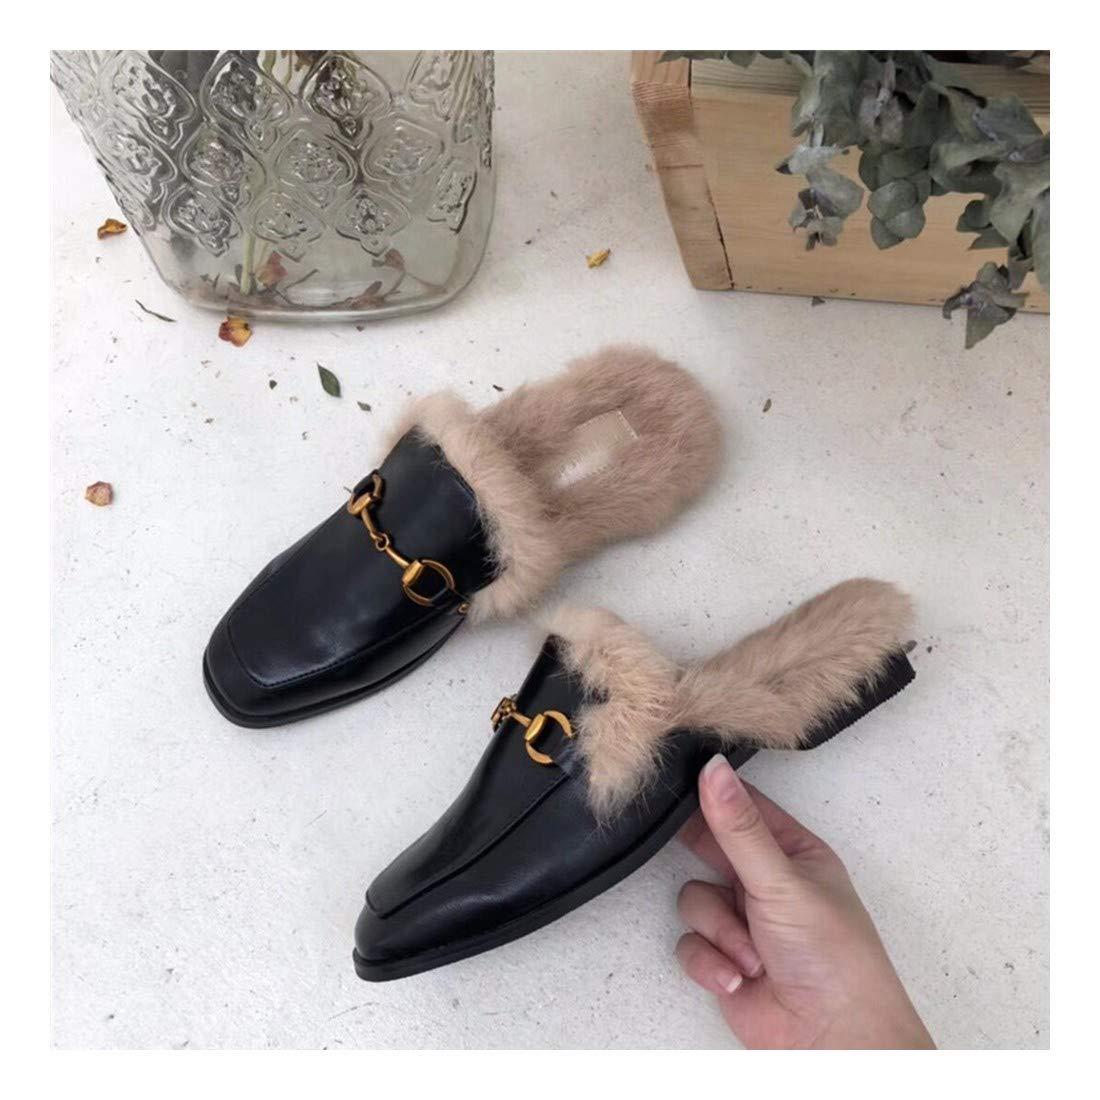 ZHAOXIANGXIANG Weichen Boden Slacker Schuhe Modische Kleidung Au/ßerhalb Baotou Auflieger Flache Schuhe Muller Schuhe